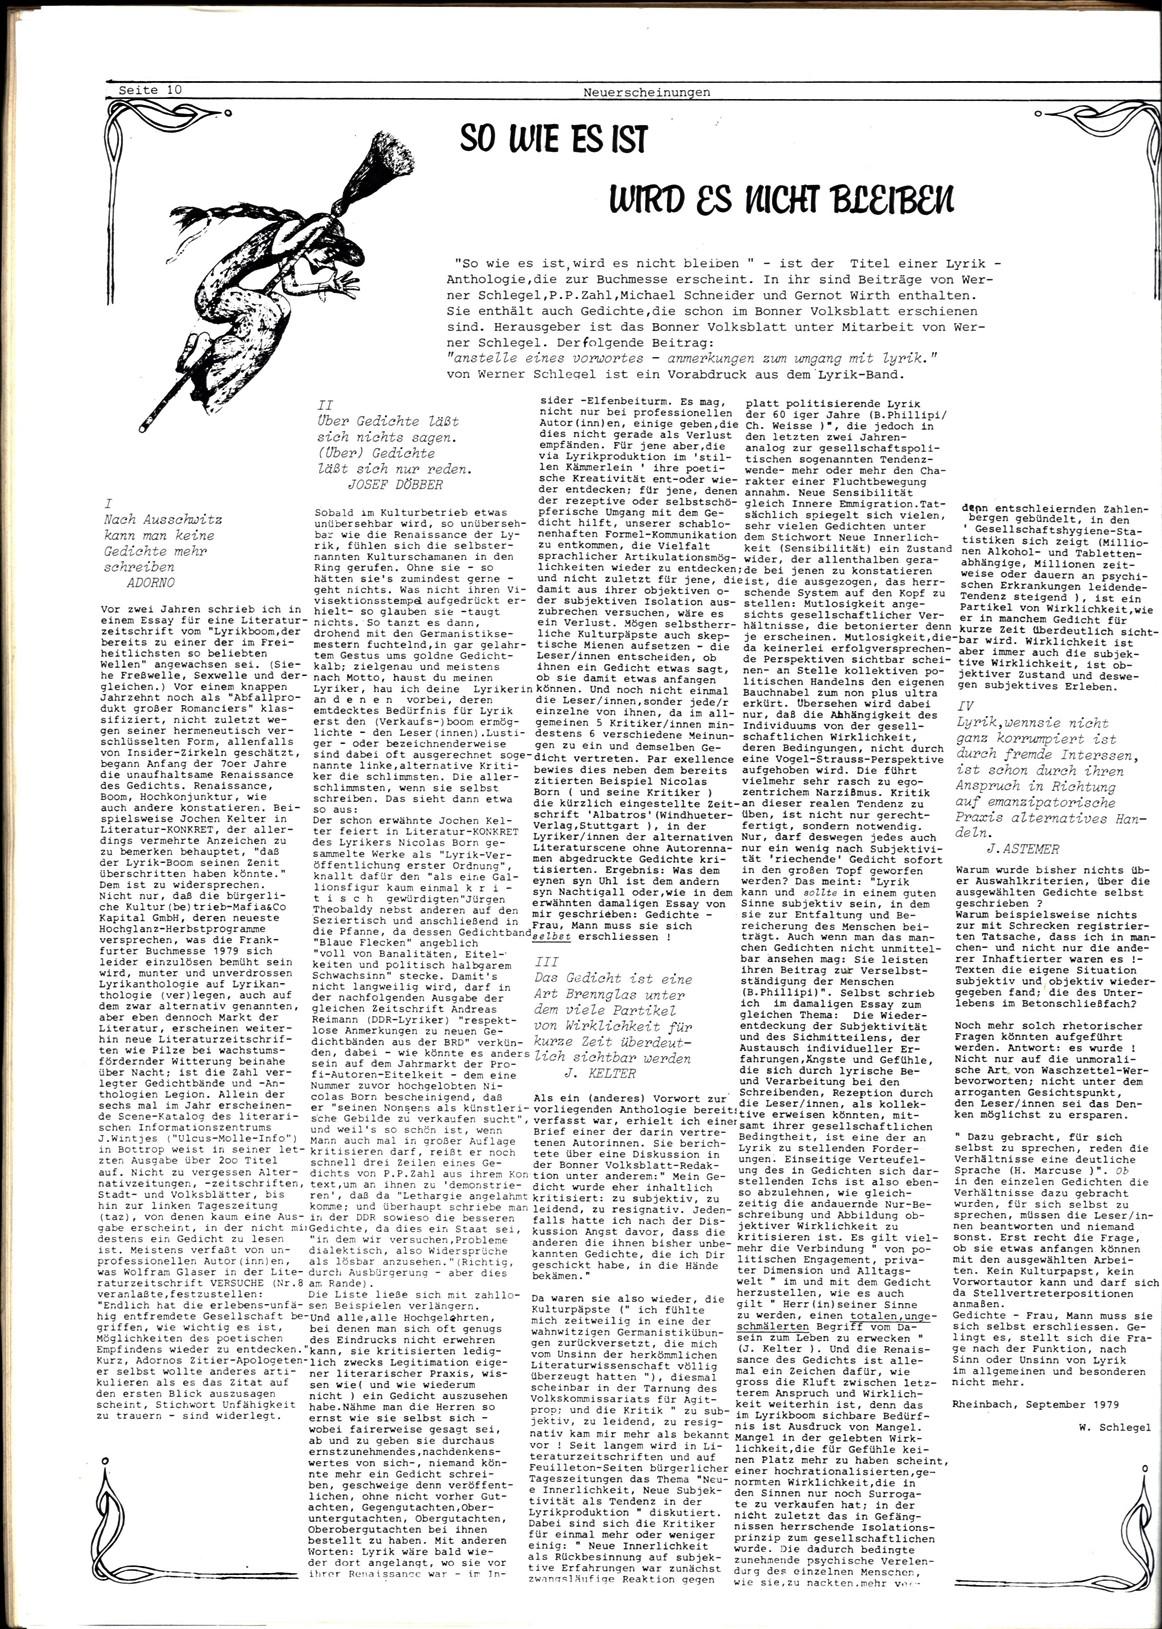 Bonner_Volksblatt_28_19791003_10